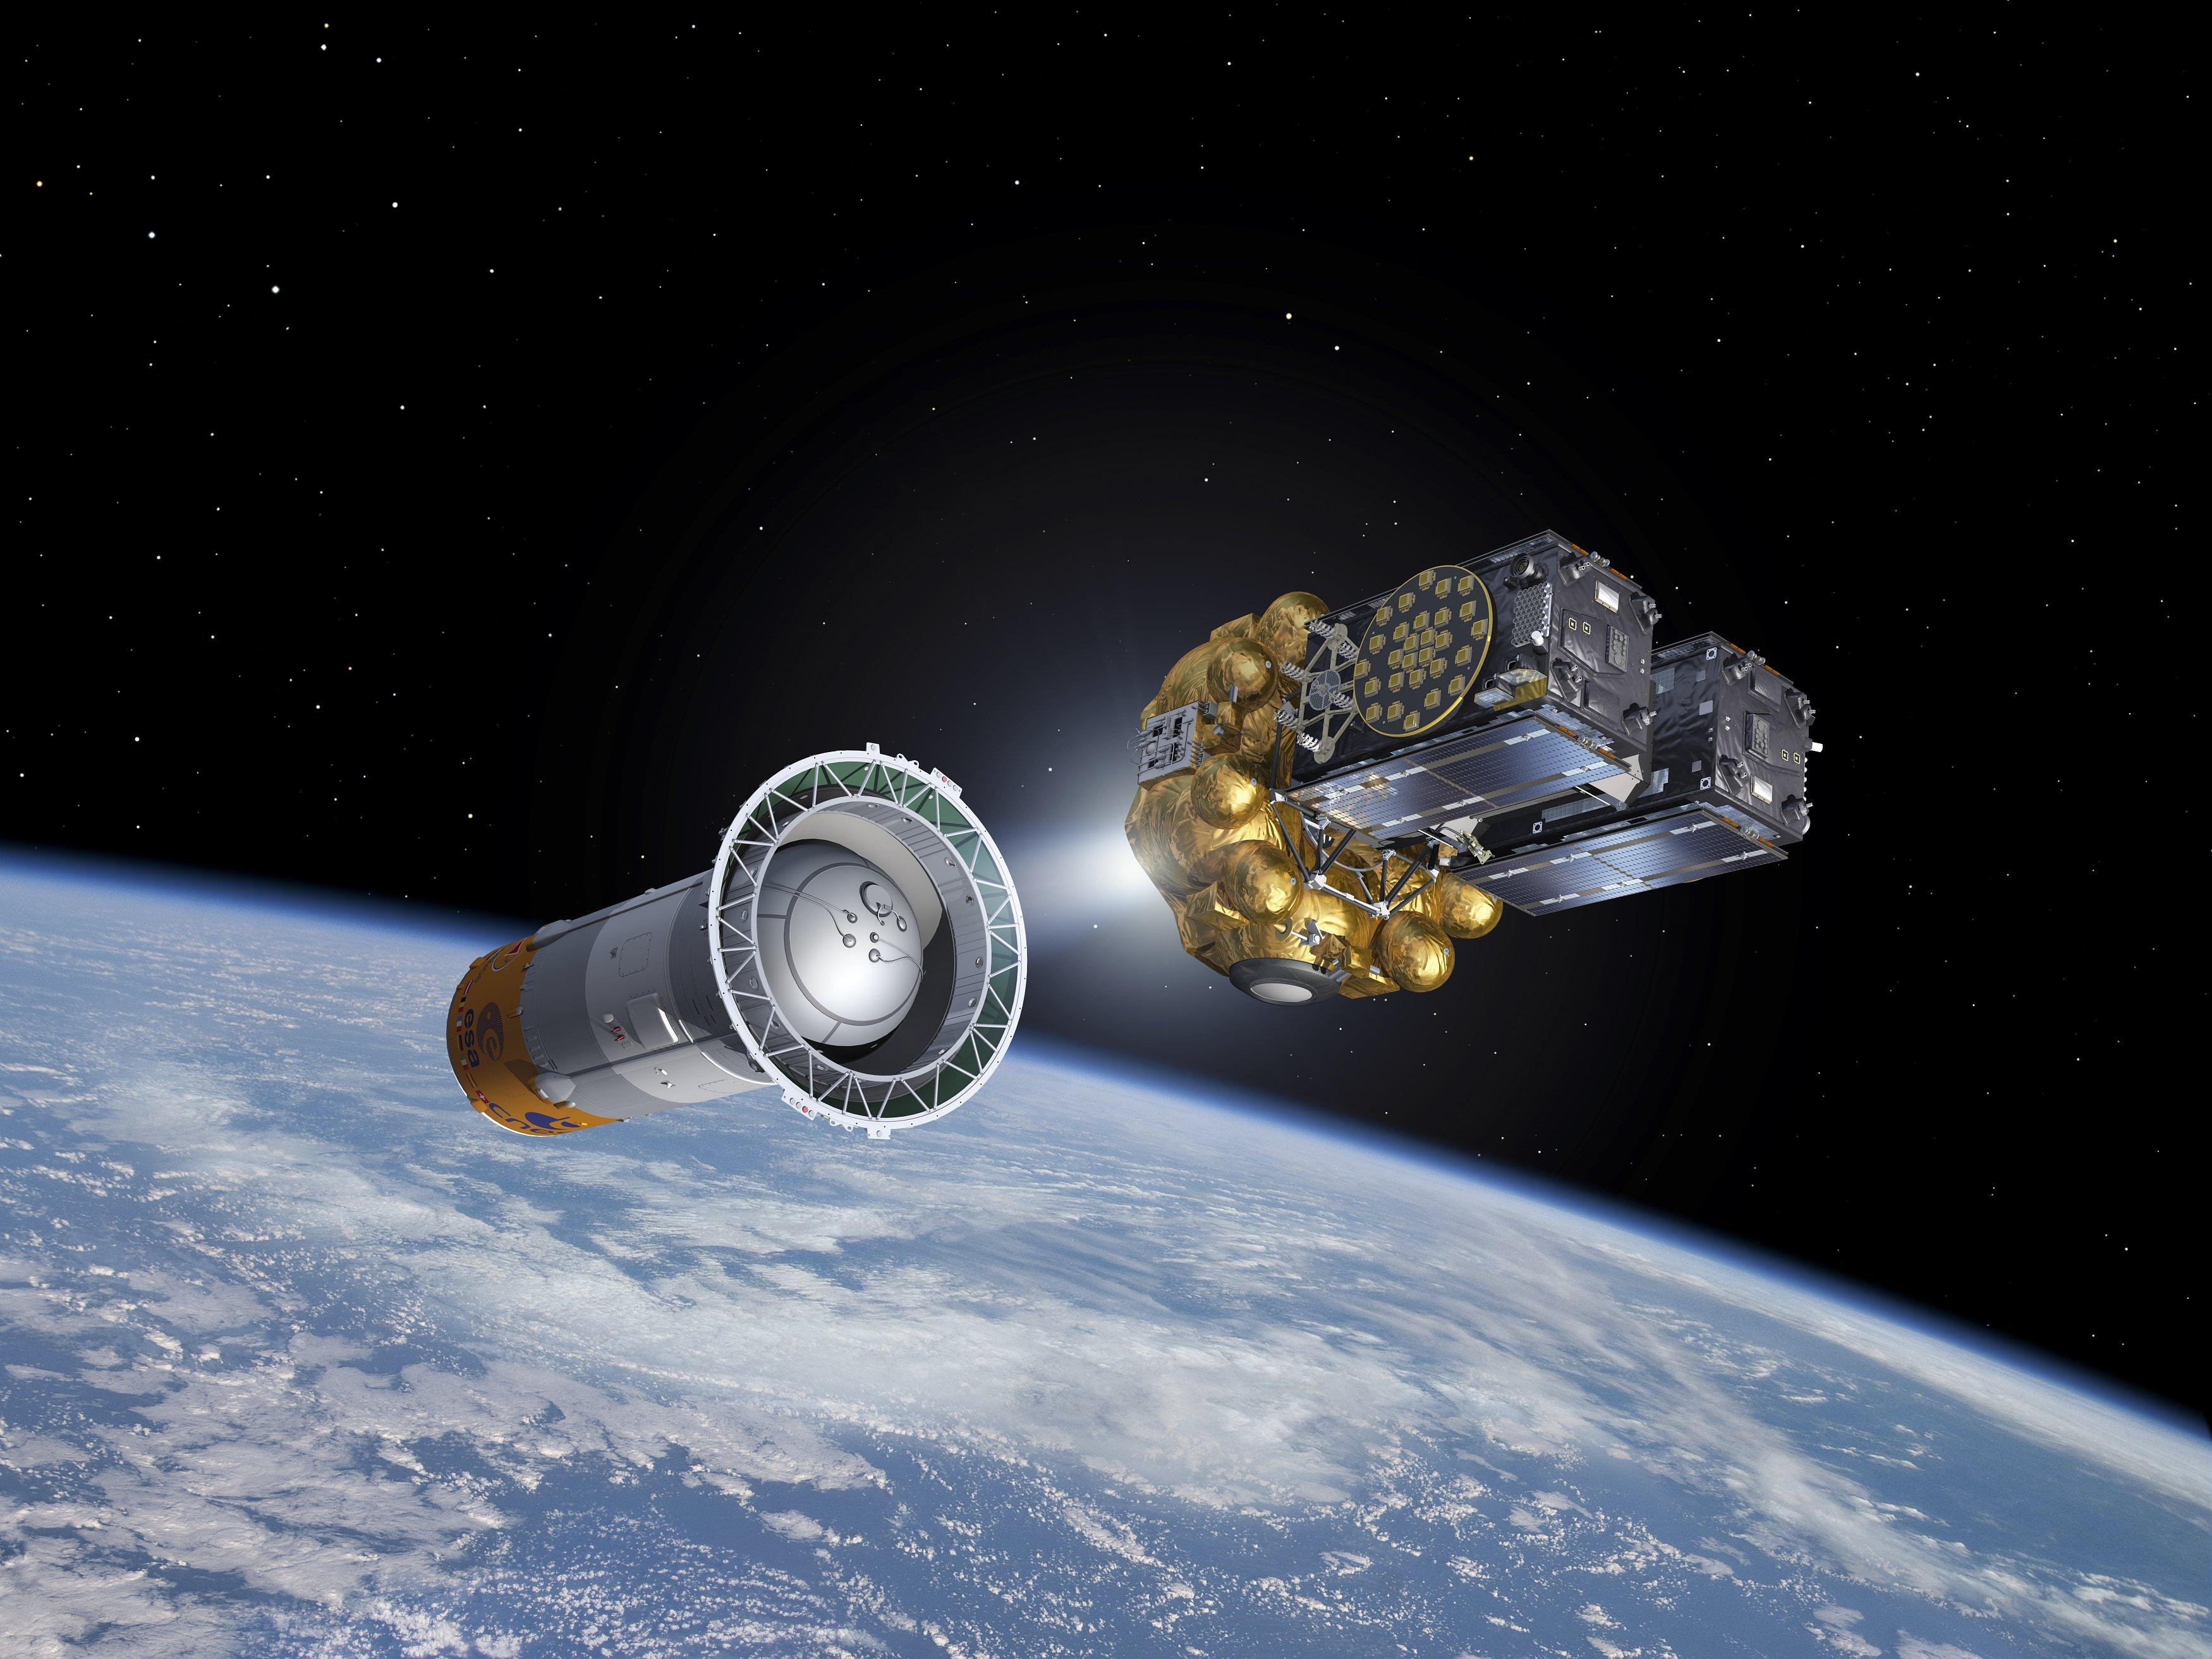 Die Satelliten 5 und 6 für das EU-Navigationssystem Galileo starteten im August 2014 ins All.